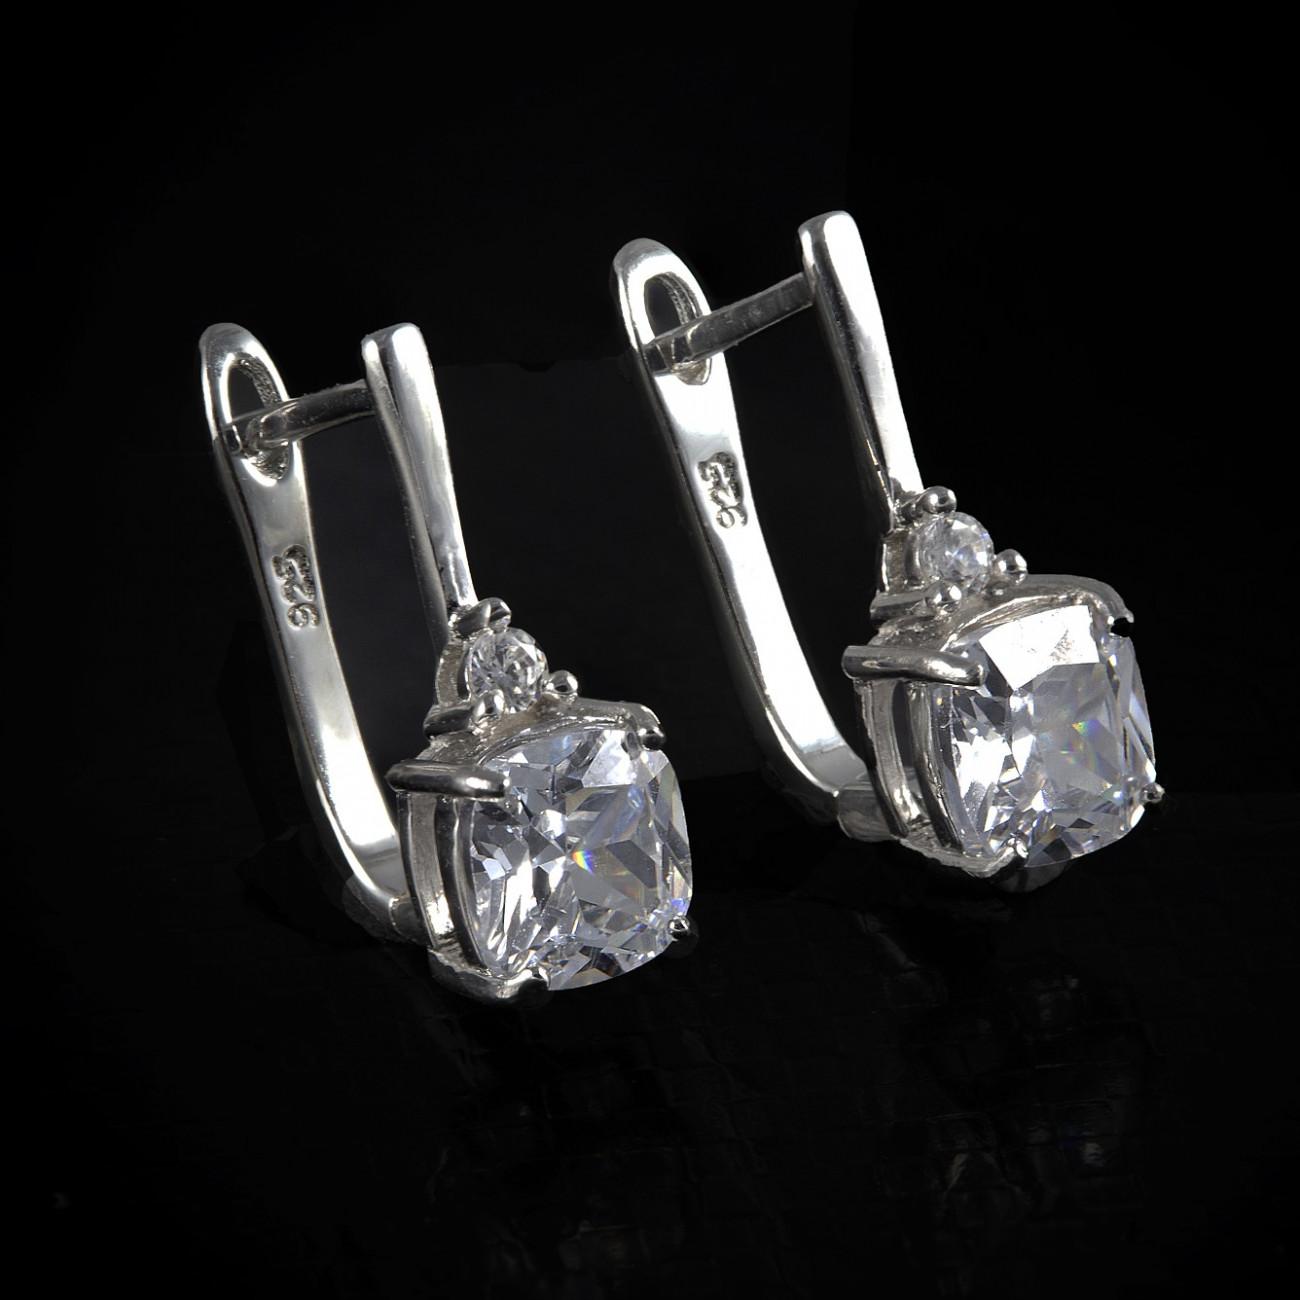 Luxusní, stříbrné náušnice Savour crystal